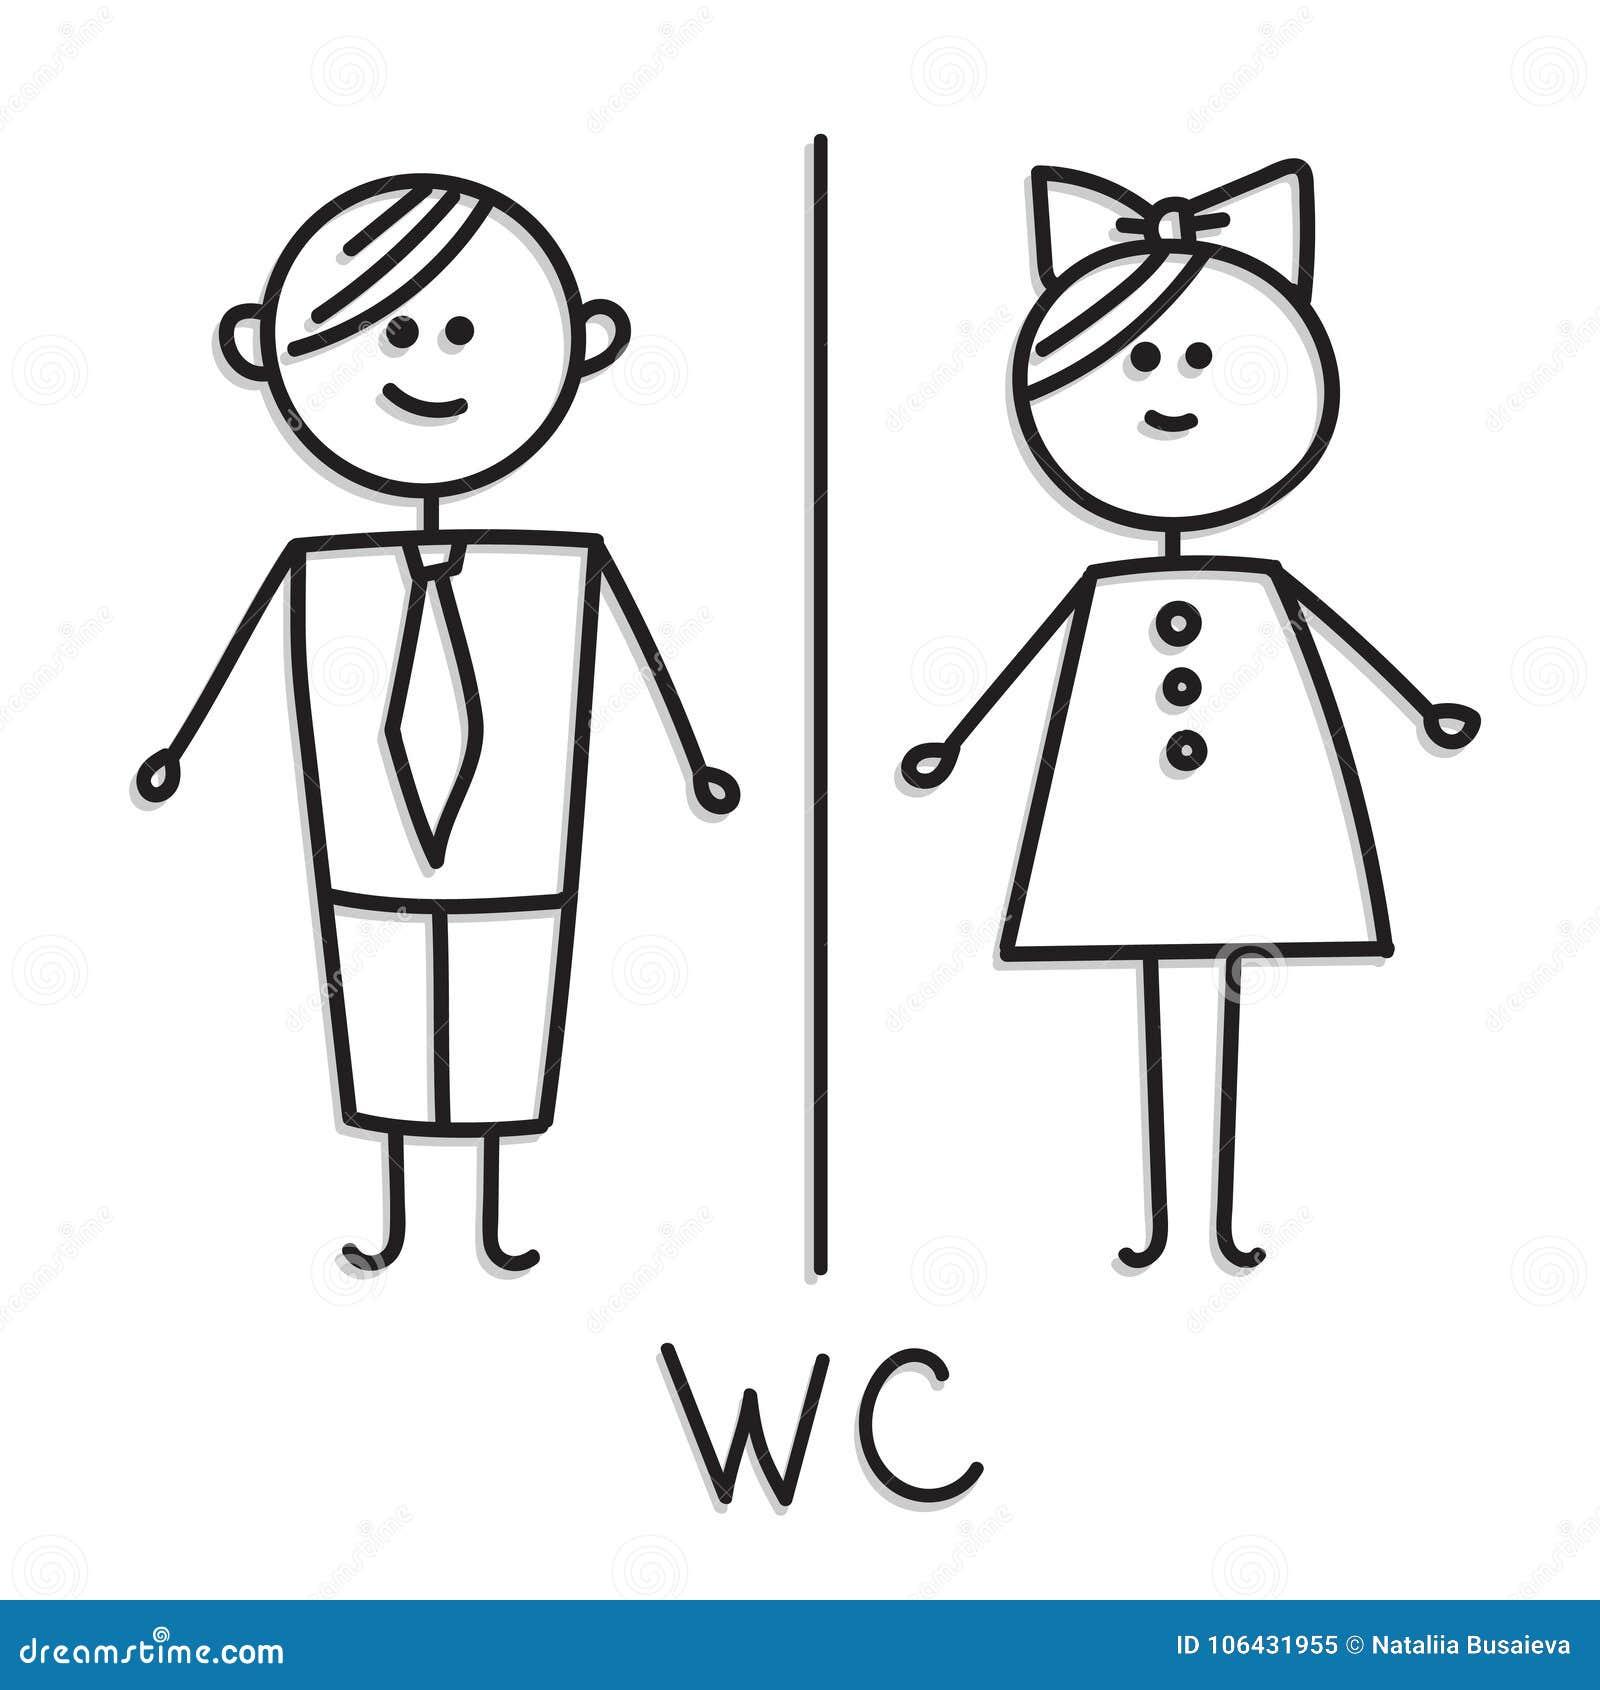 lustige wc t rschildsymbole symbol des mannes frau junge m dchen oilet t rschildikone herren. Black Bedroom Furniture Sets. Home Design Ideas